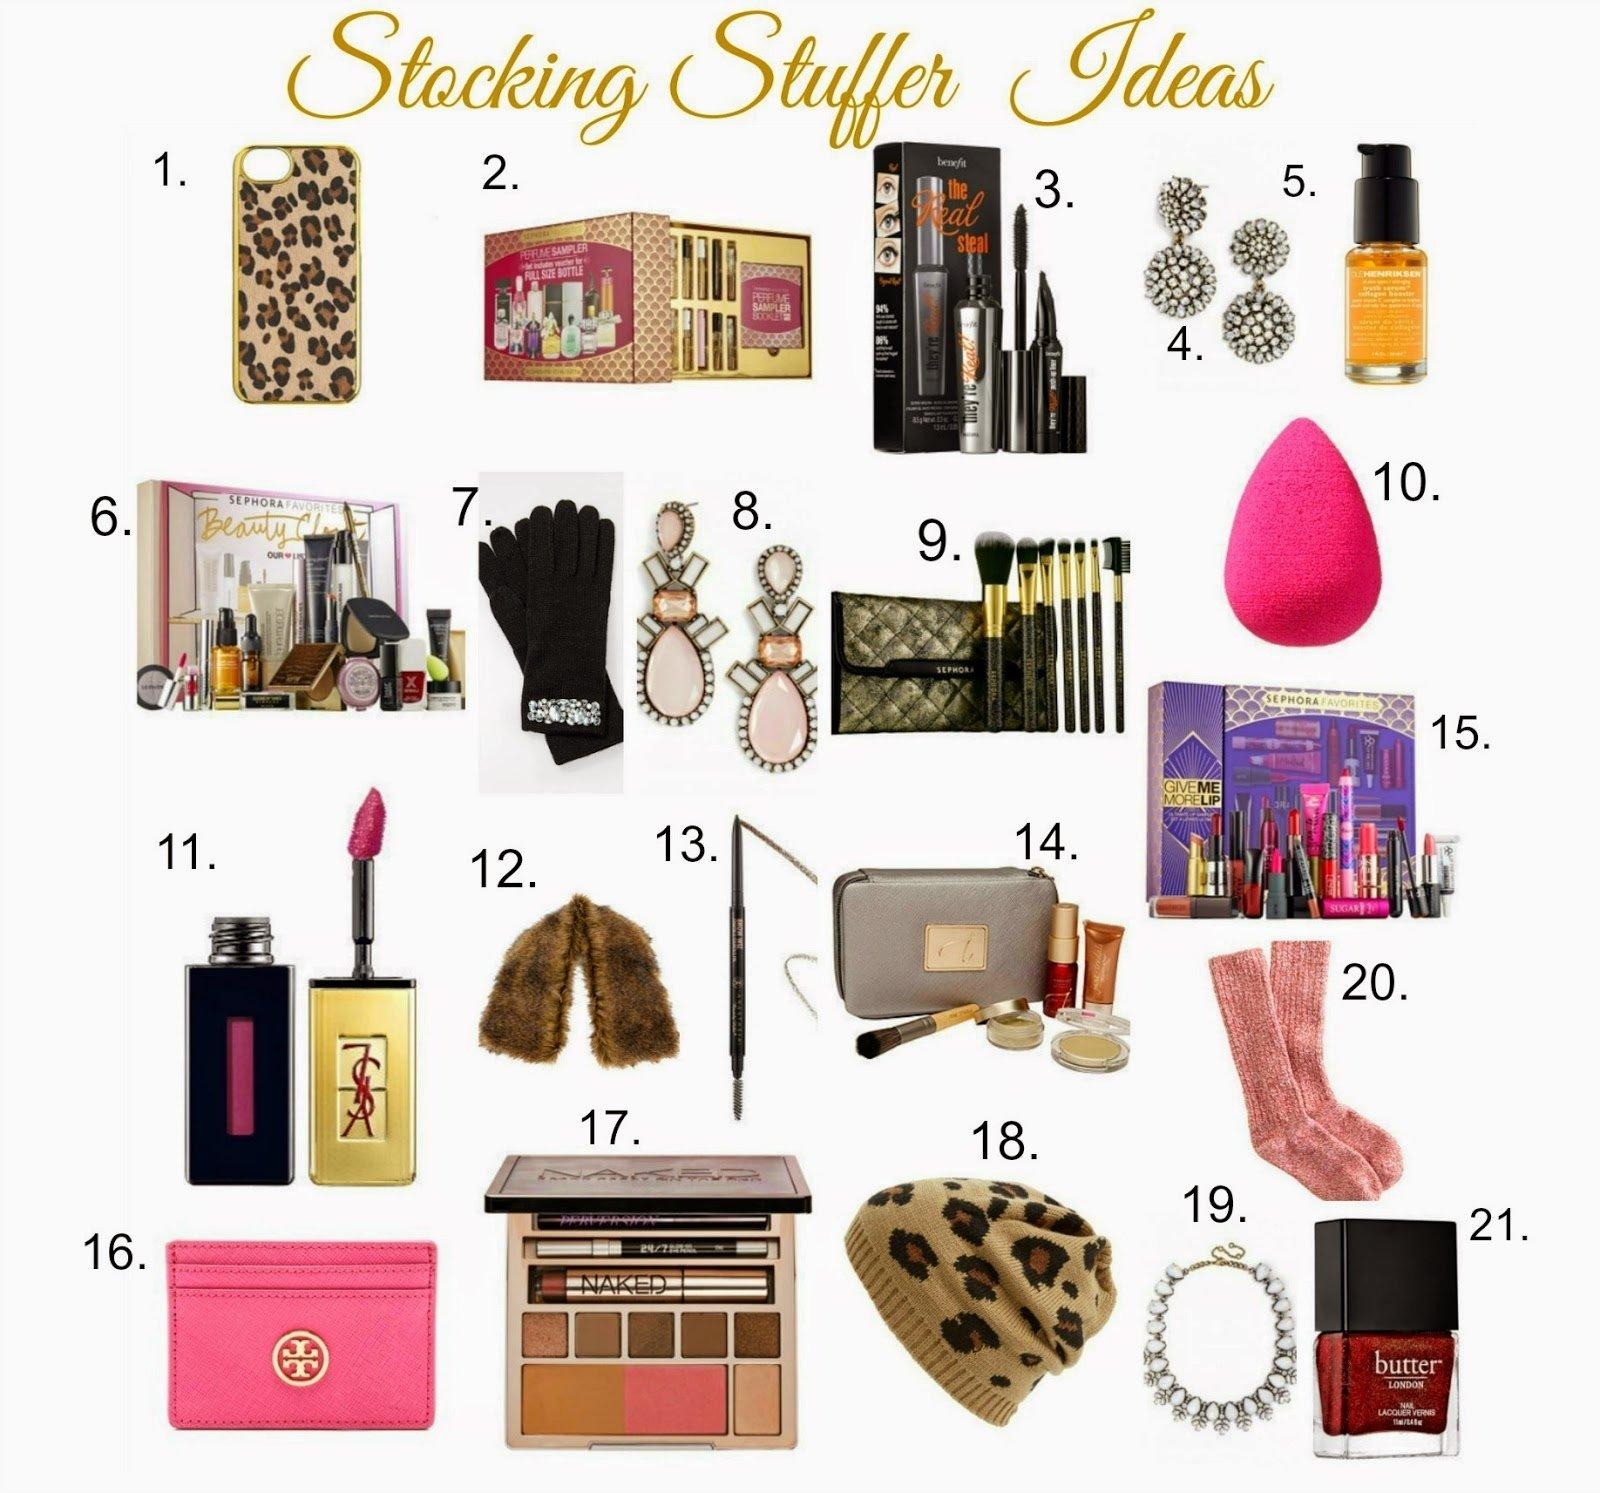 10 Lovable Stocking Stuffer Ideas For Her stocking stuffer ideas for her kiss me darling 4 2021